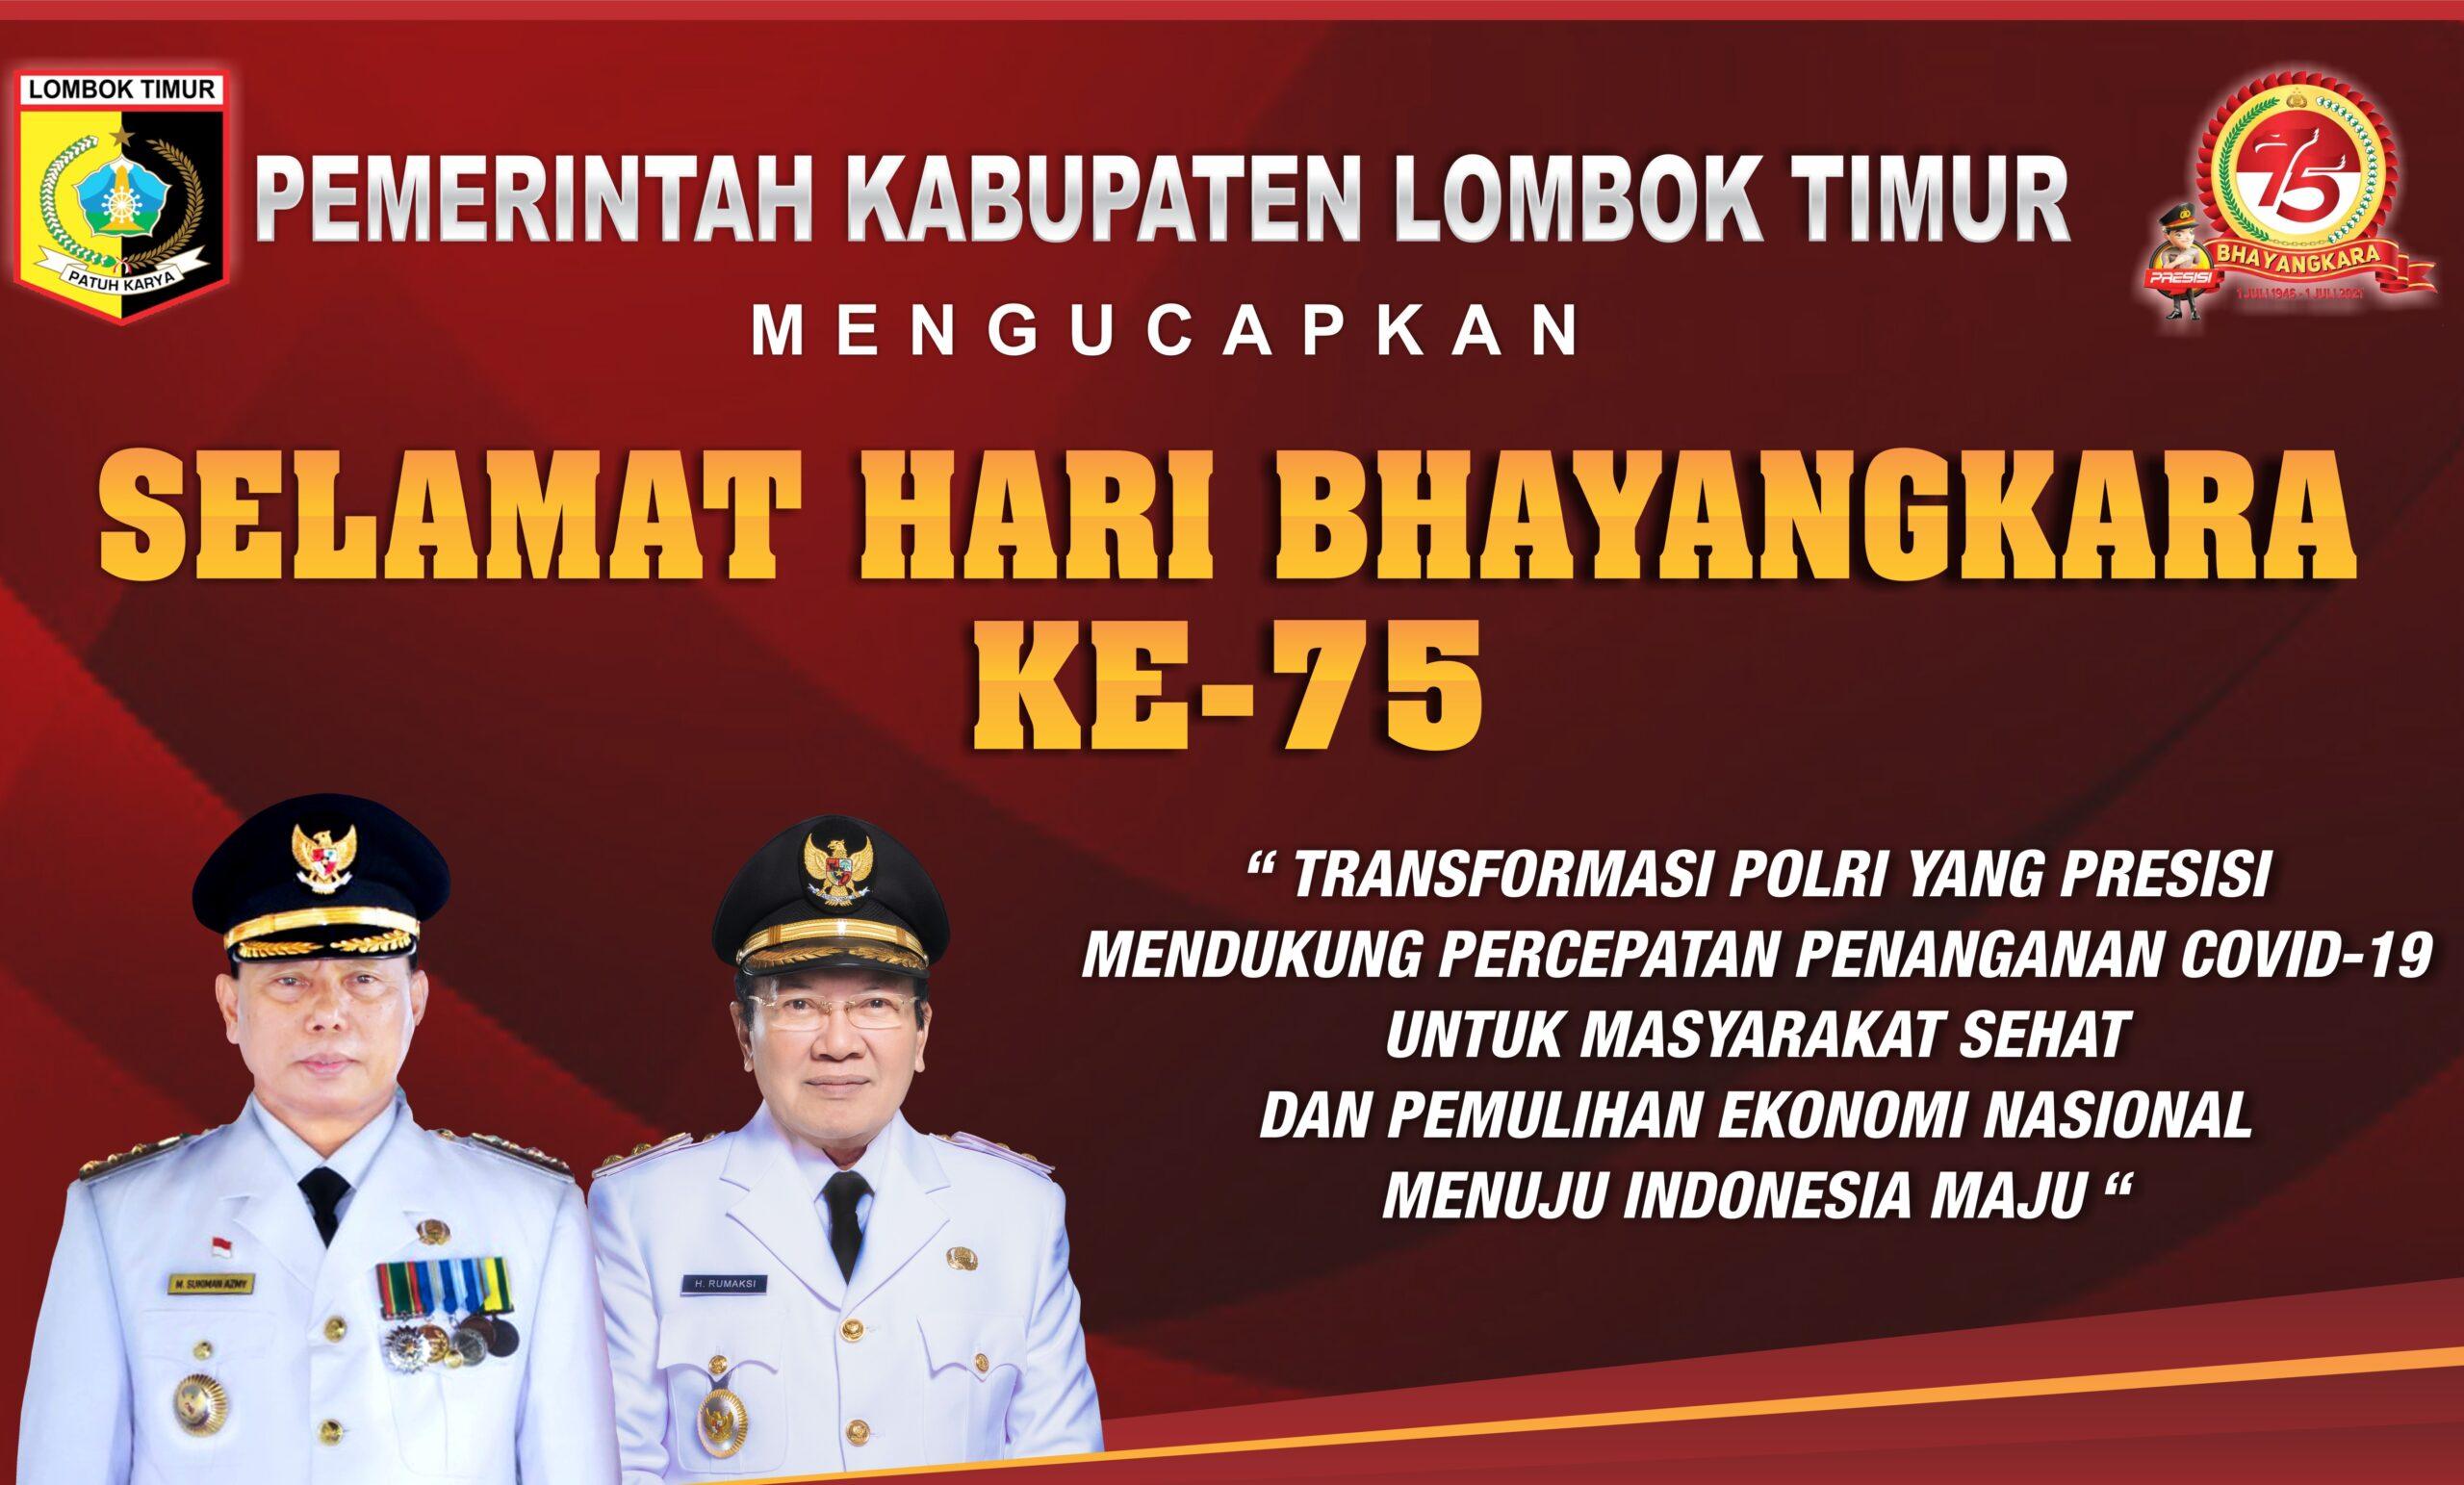 Bupati lombok timur ucapkan selamat hari bhayangkara ke-75